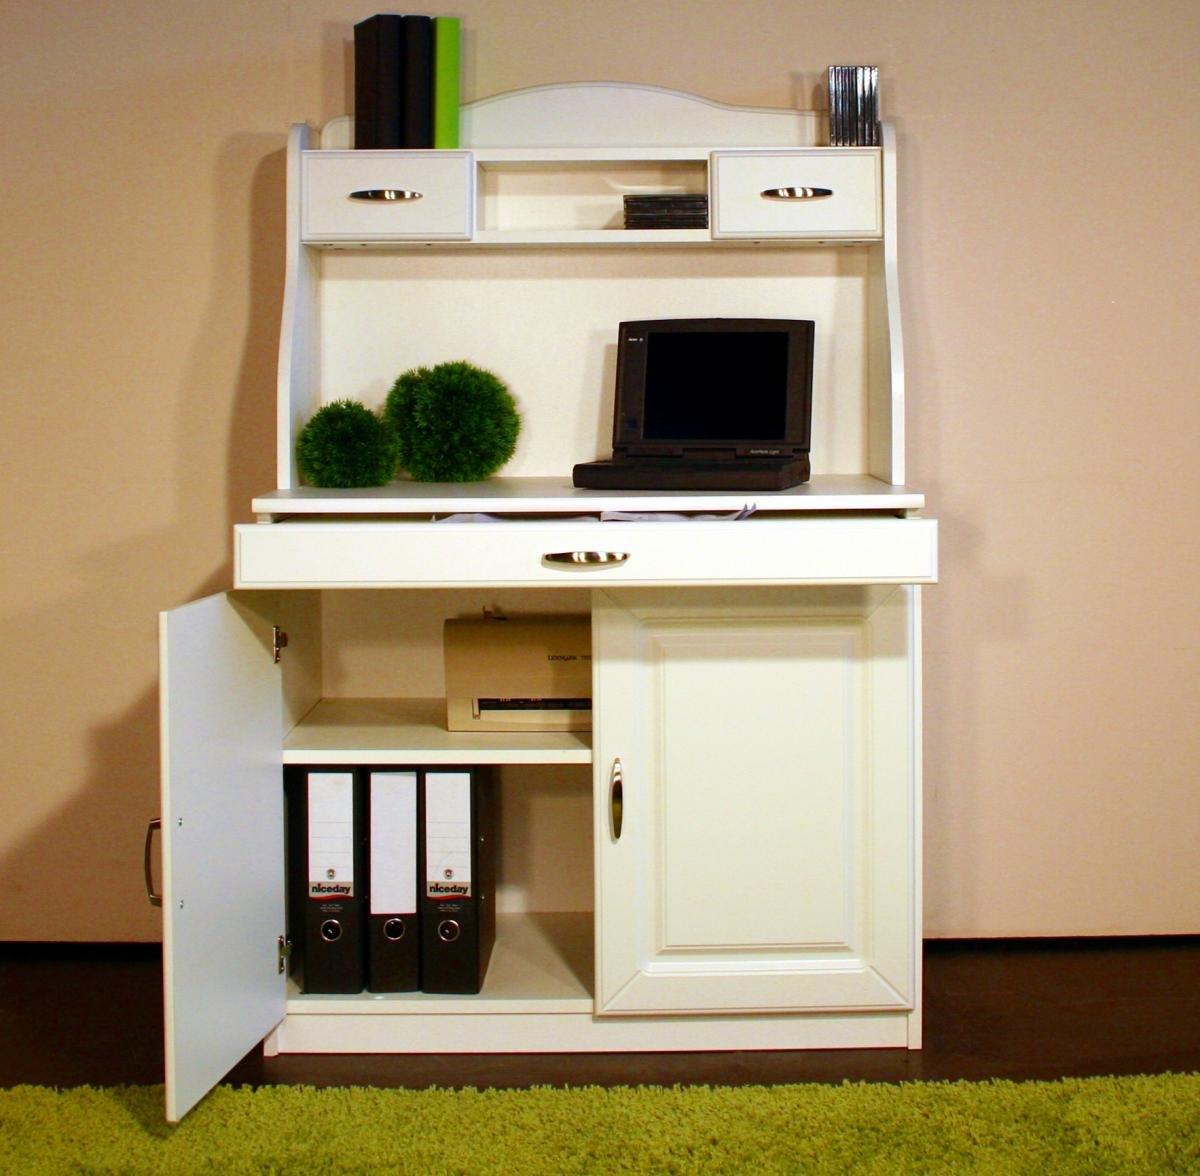 7111 - Sekretär im Landhaus - Stil, in Weiß: Amazon.de: Küche & Haushalt